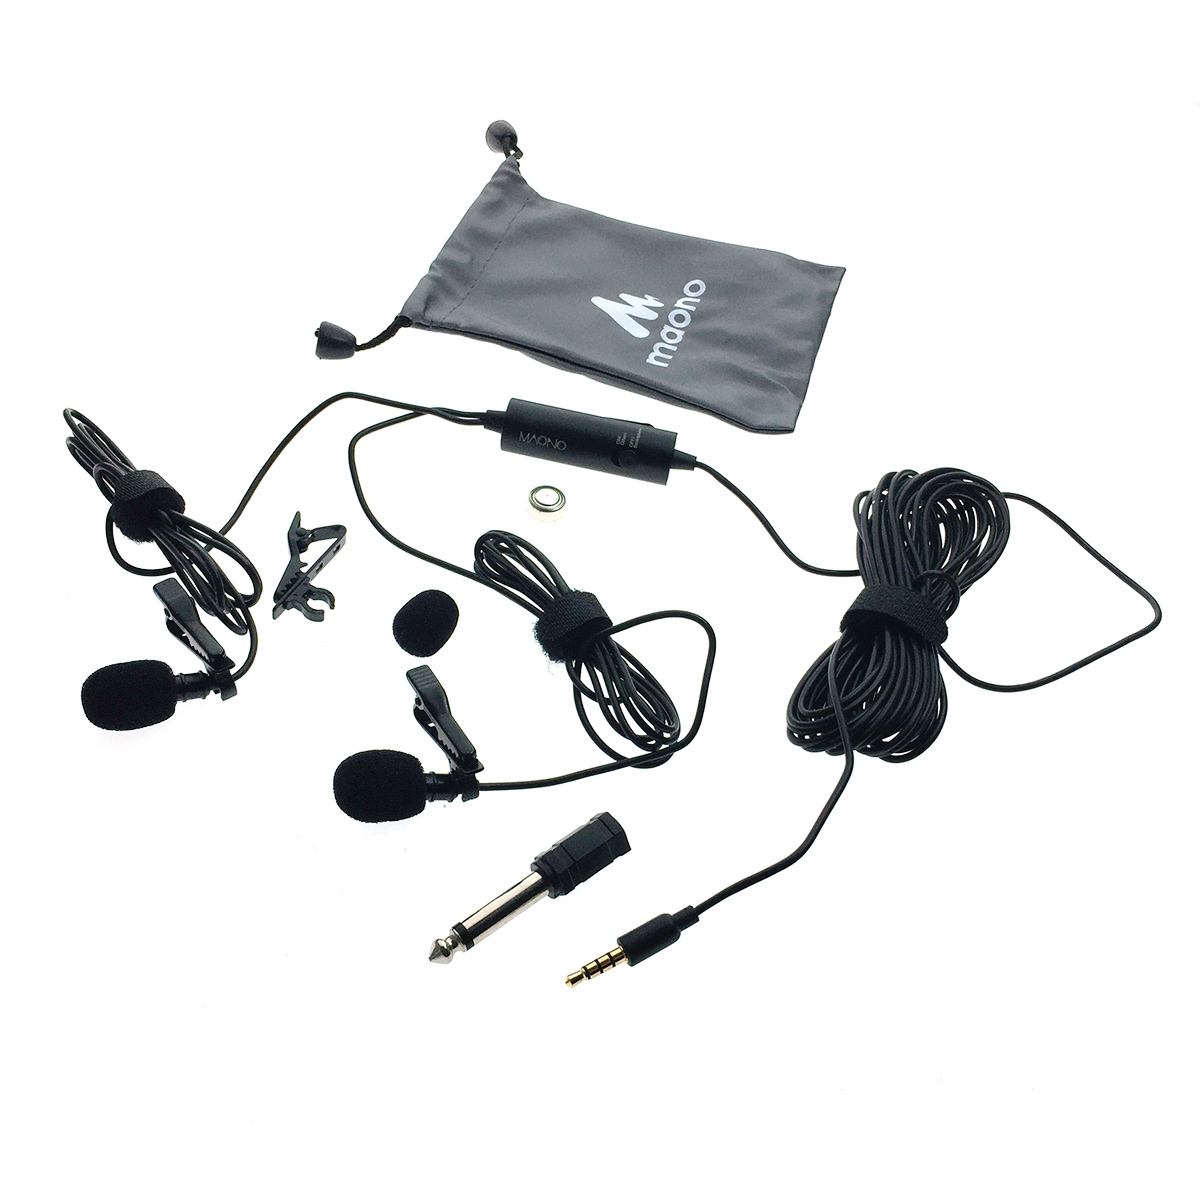 Микрофон MAONO AU-200 (2 шт), Jack 3,5